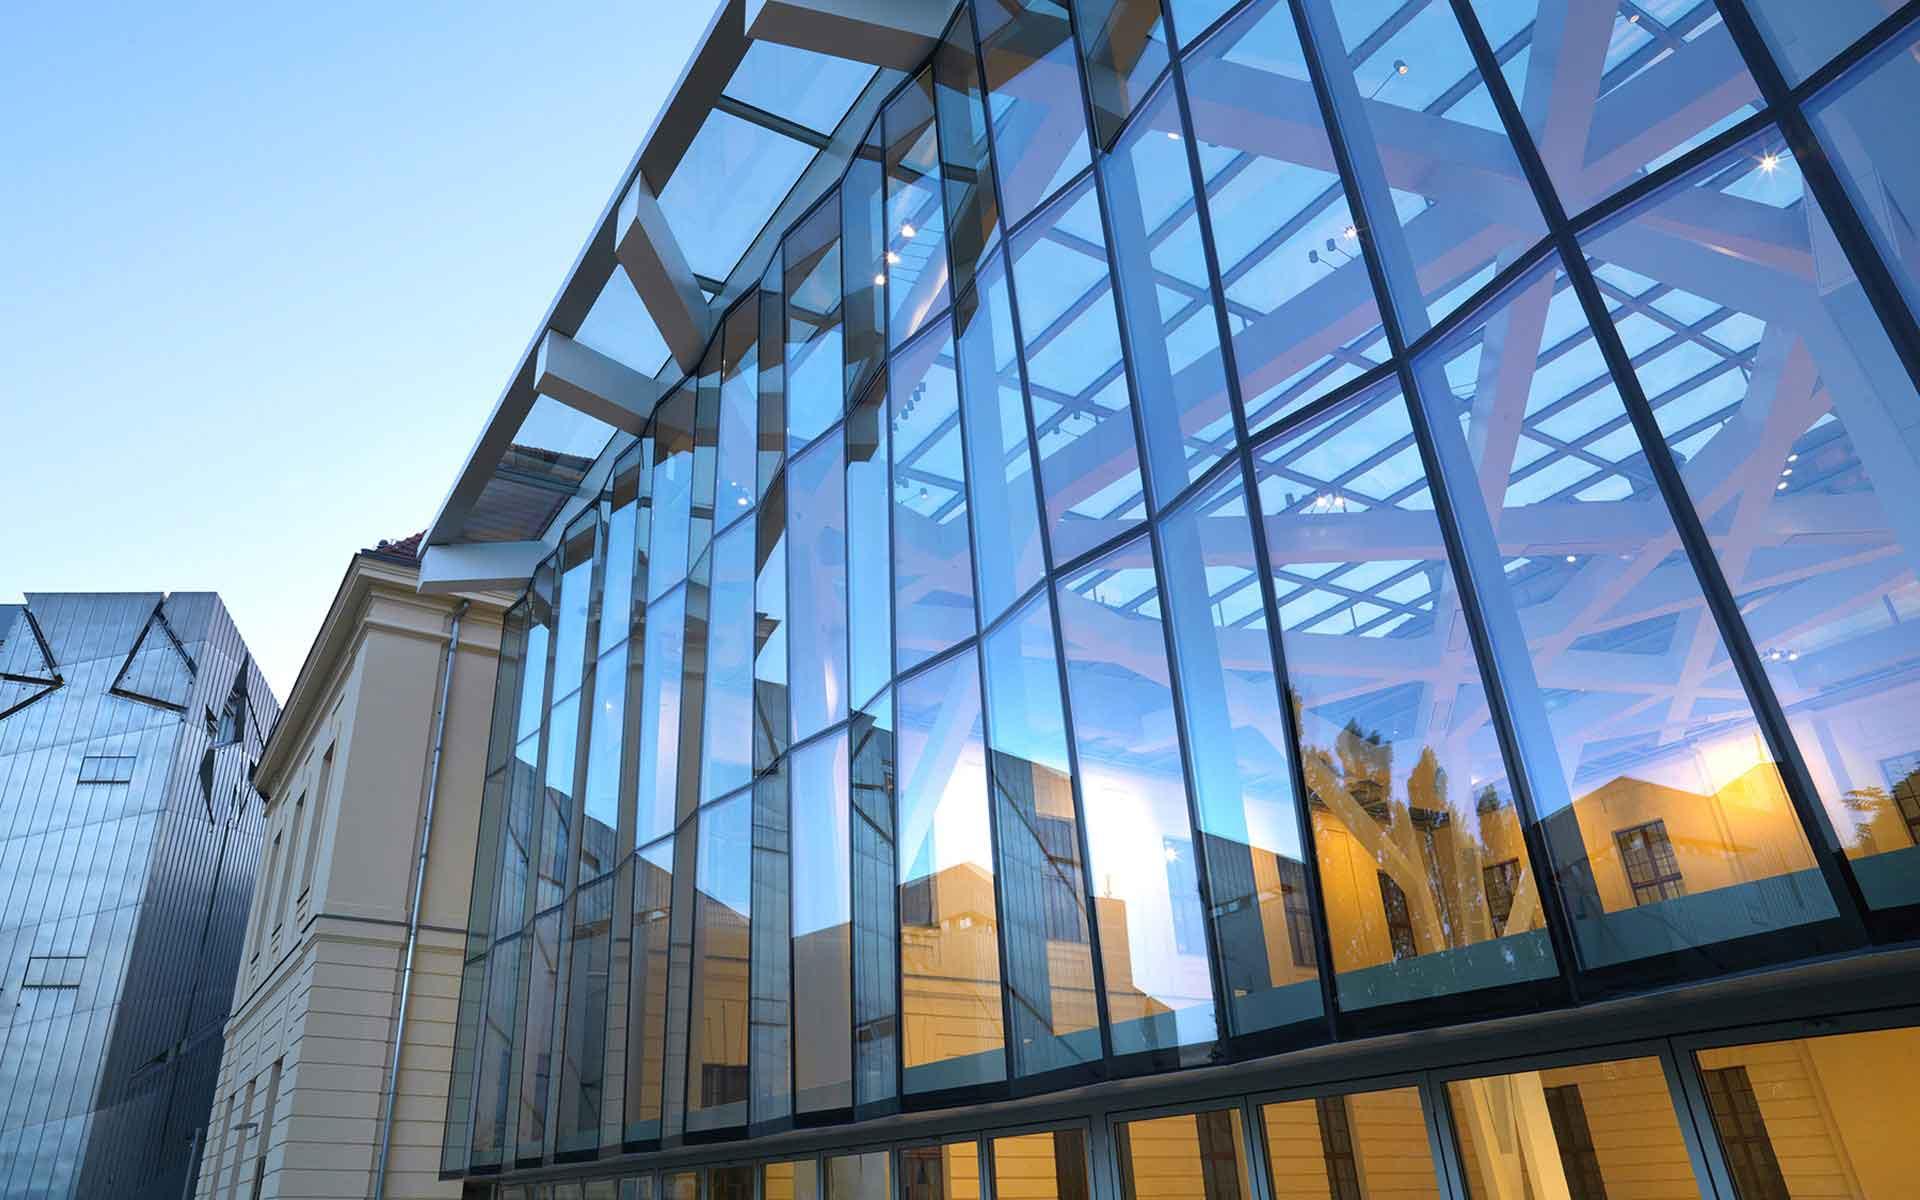 نحوه انتخاب شیشه های ساختمانی - استوارسازان